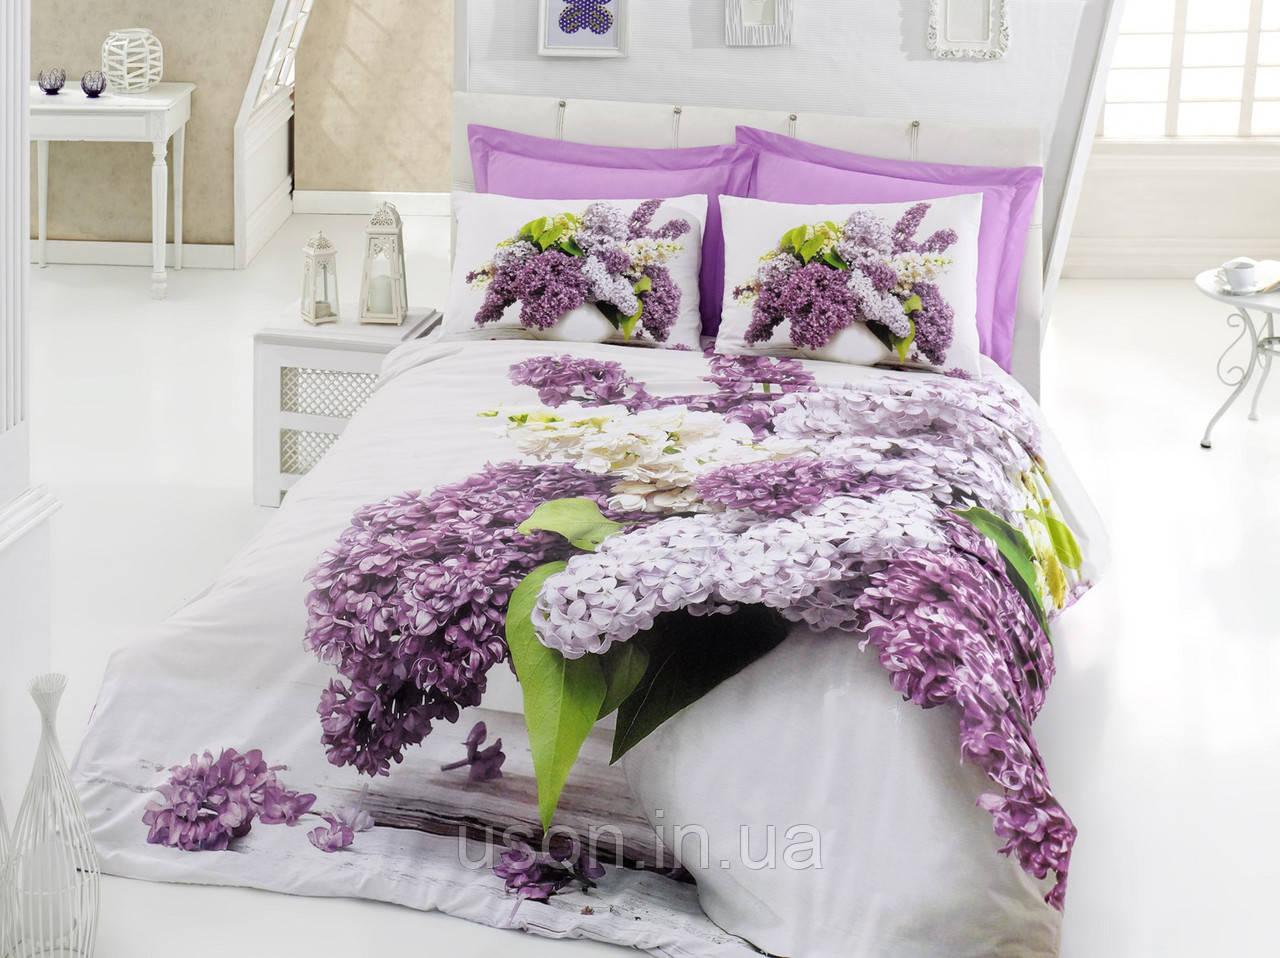 Комплект постільної білизни Cotton box Ранфорс Floral Seri vilma